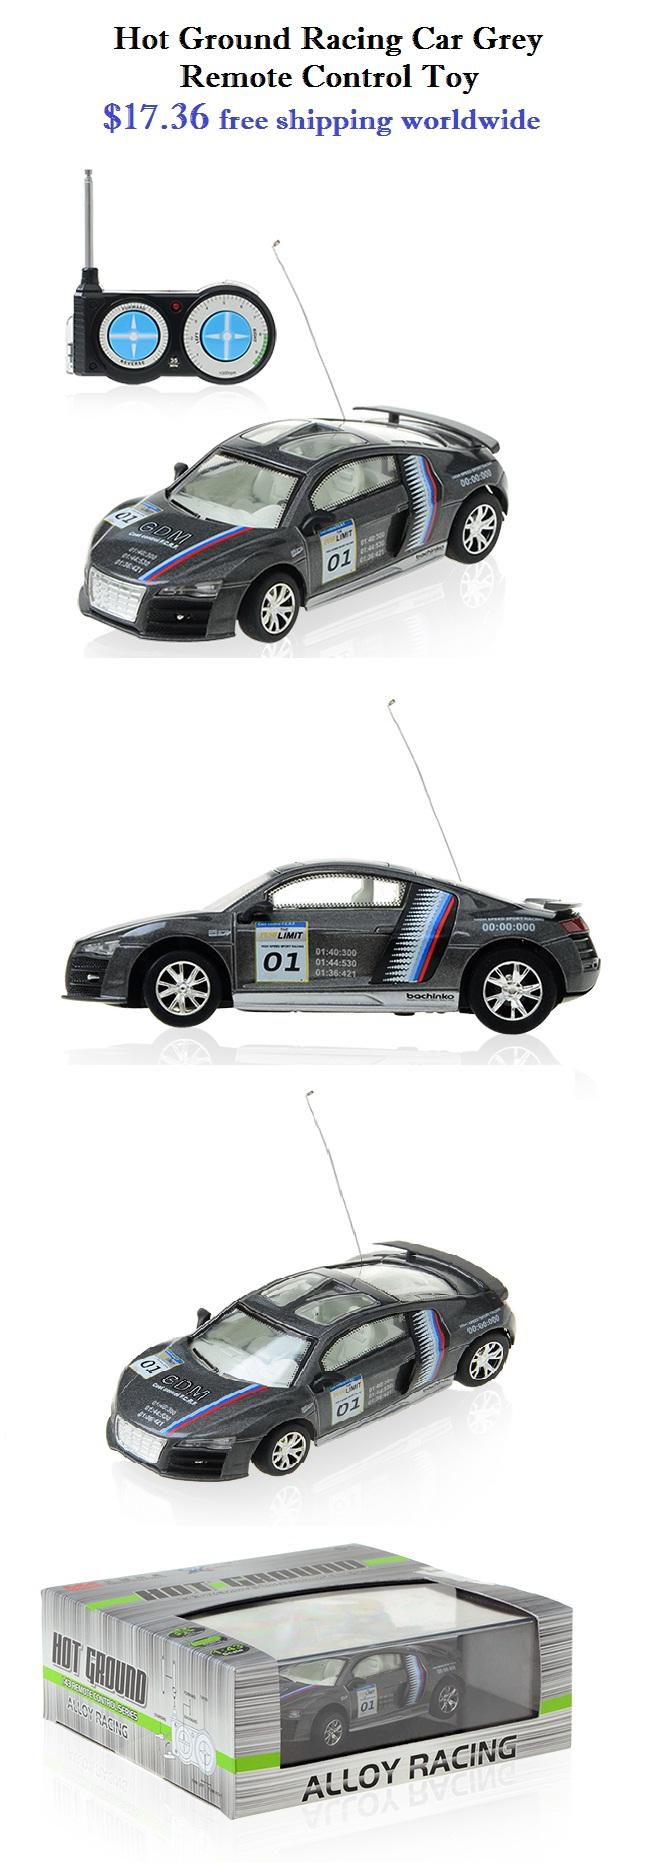 racing car remote control toy